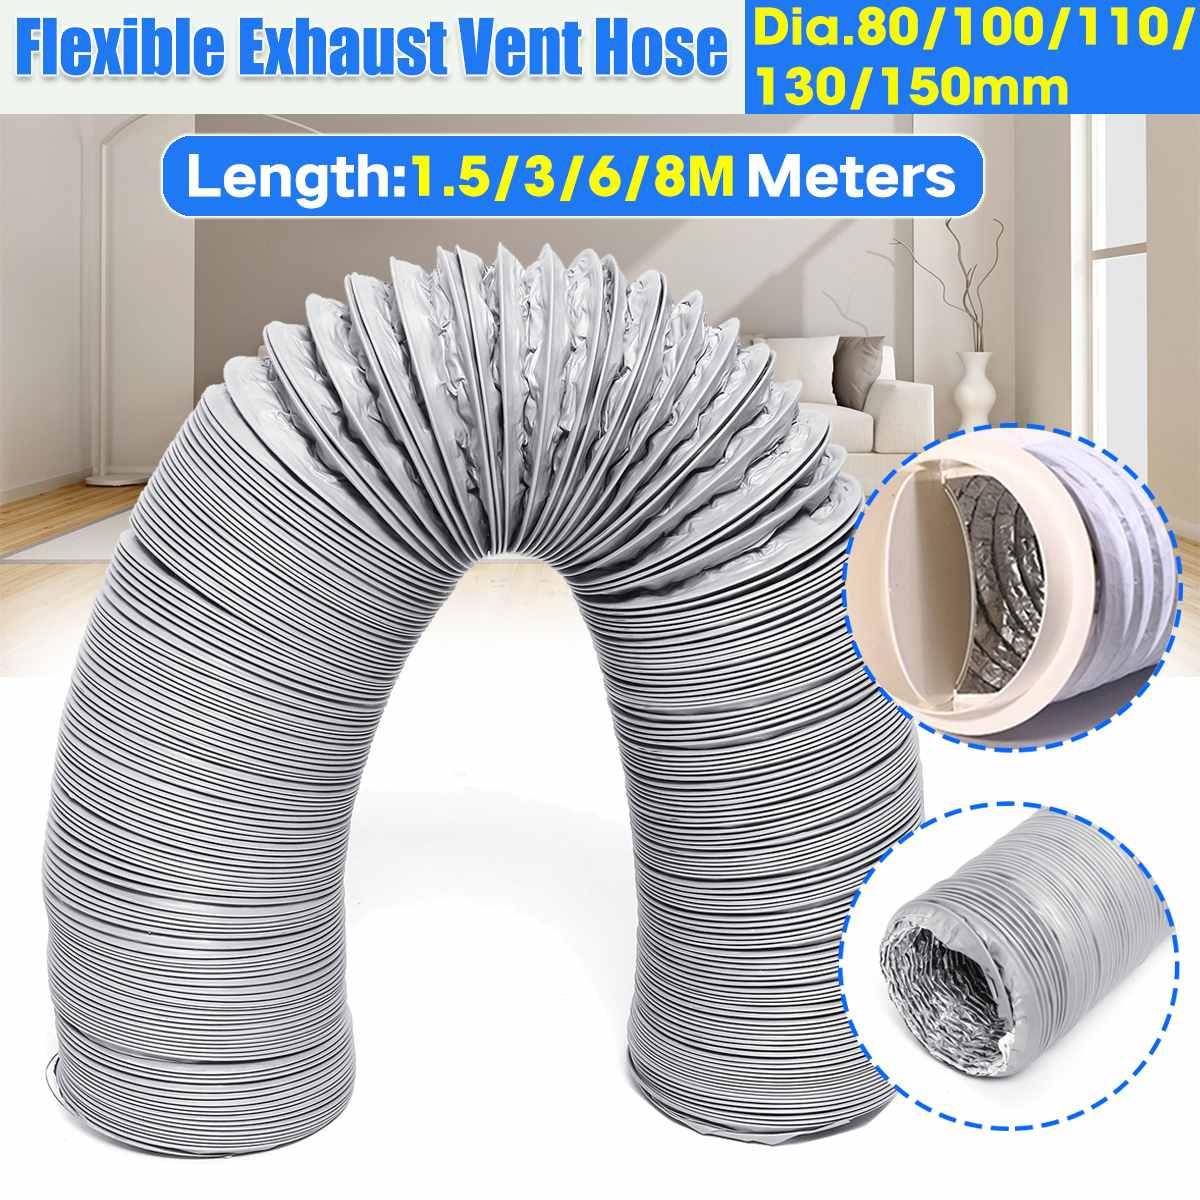 For Webasto,Eberspacher 22mm/&24mm Exhaust Glass Fibre Hose Lagging Insulation